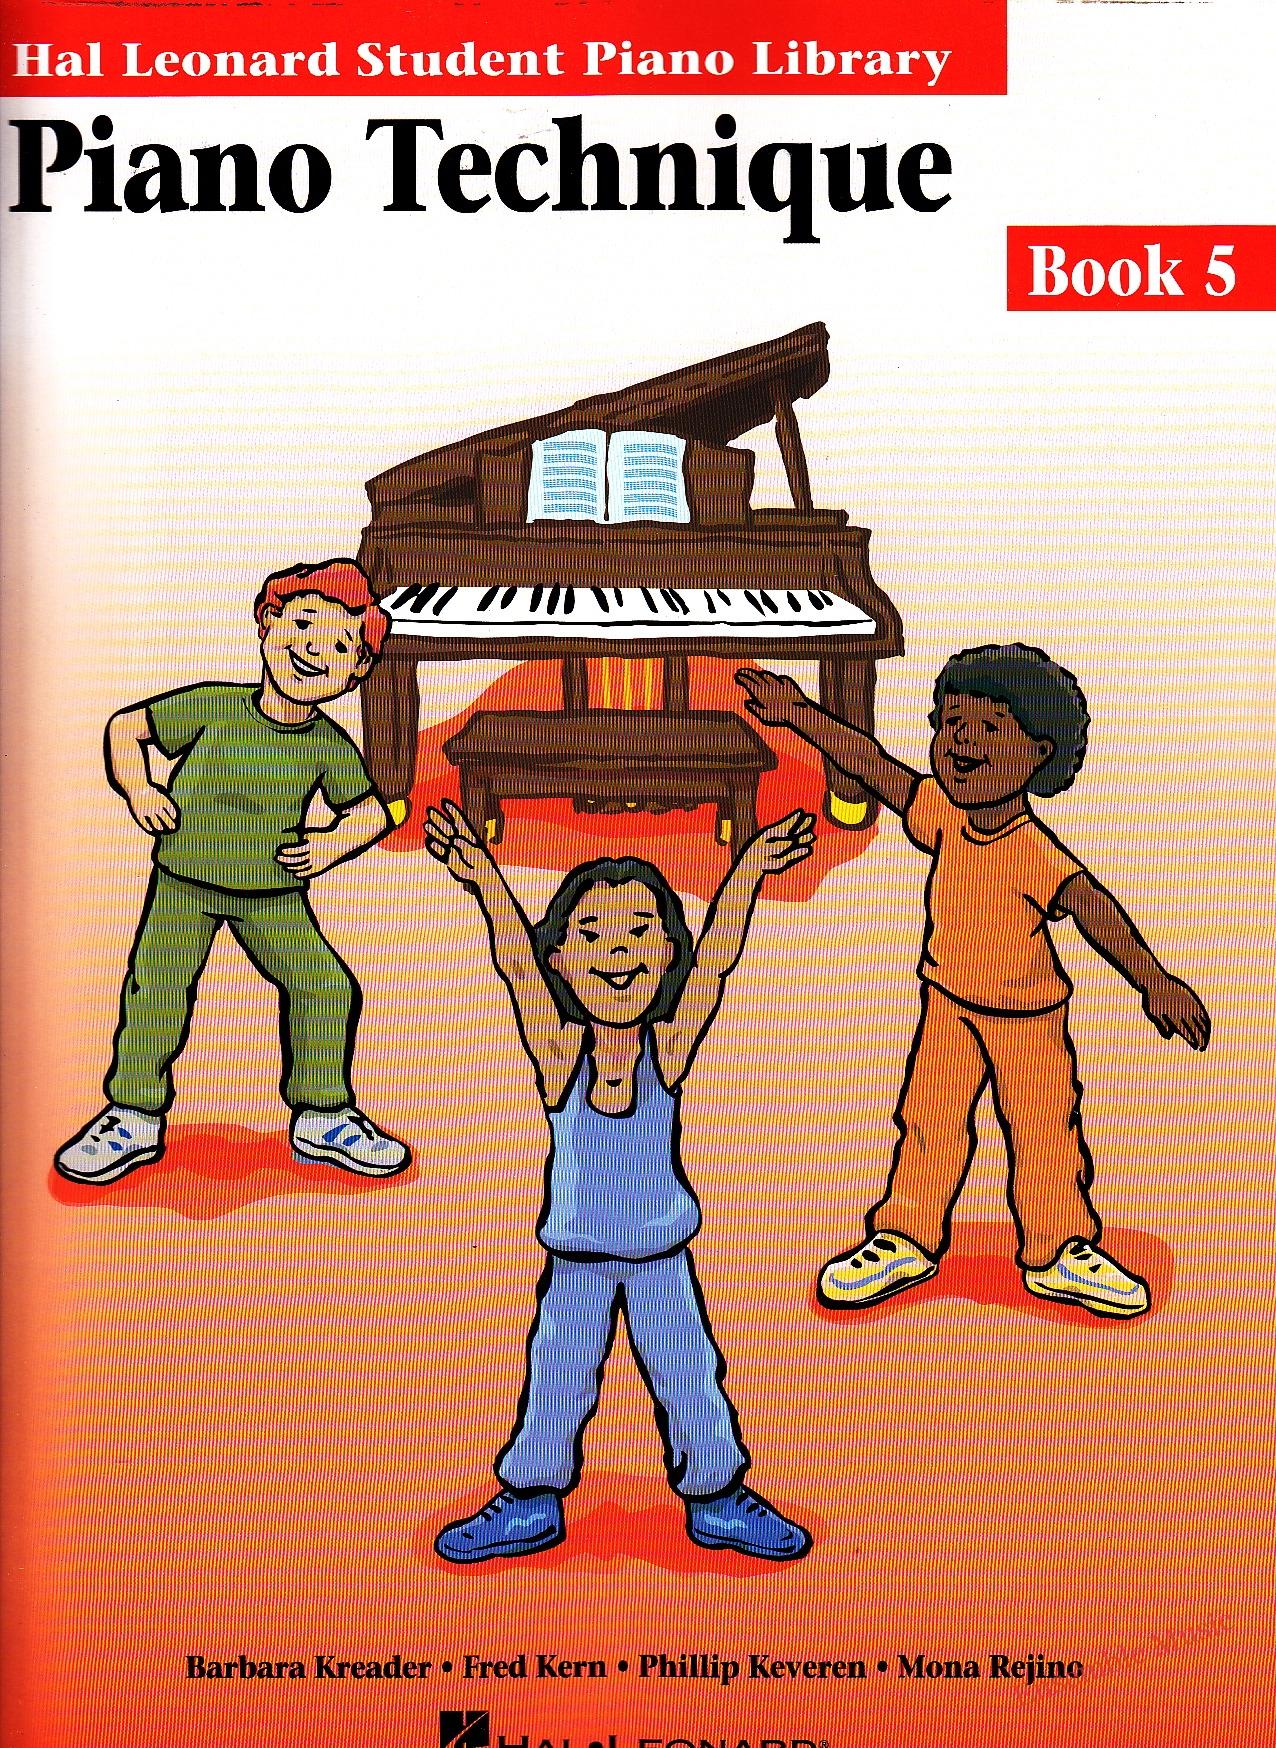 Piano Technique Book 5